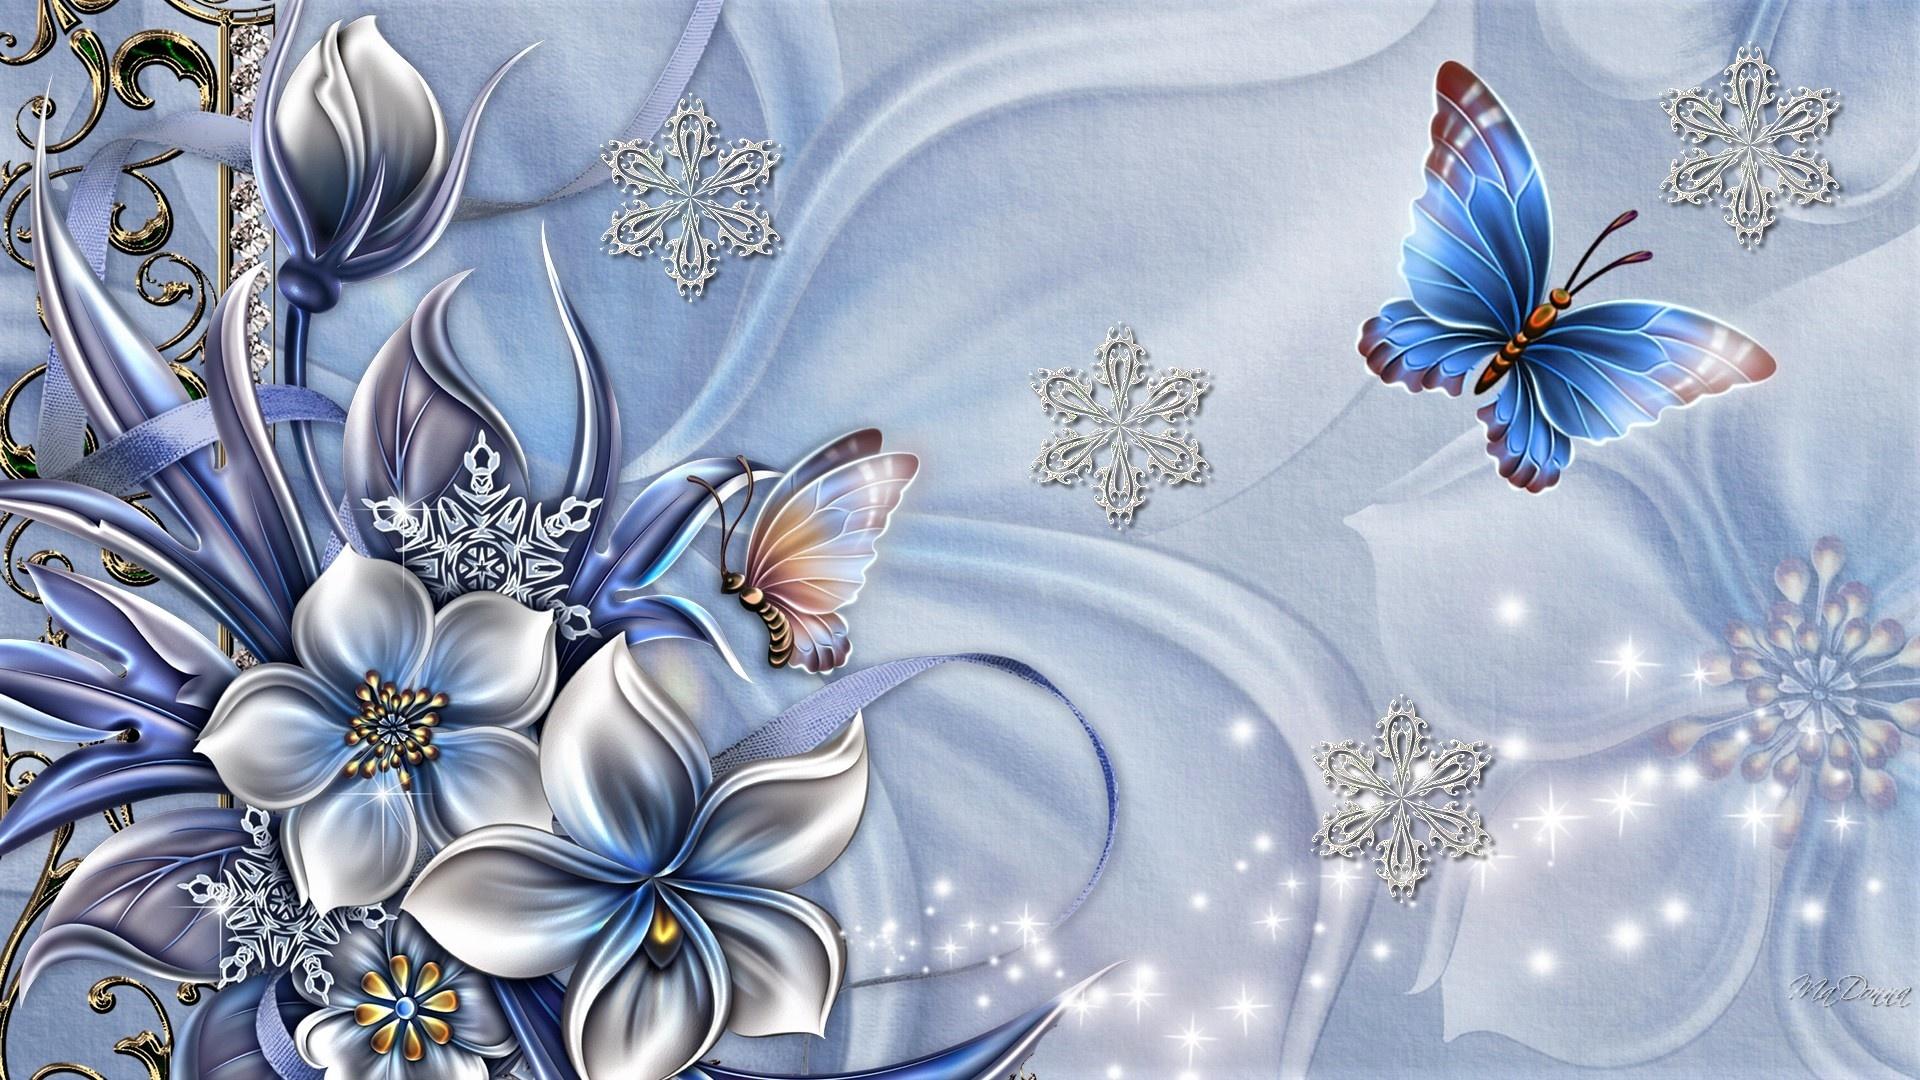 Картинка, открытка с днем рождения 3д цветы